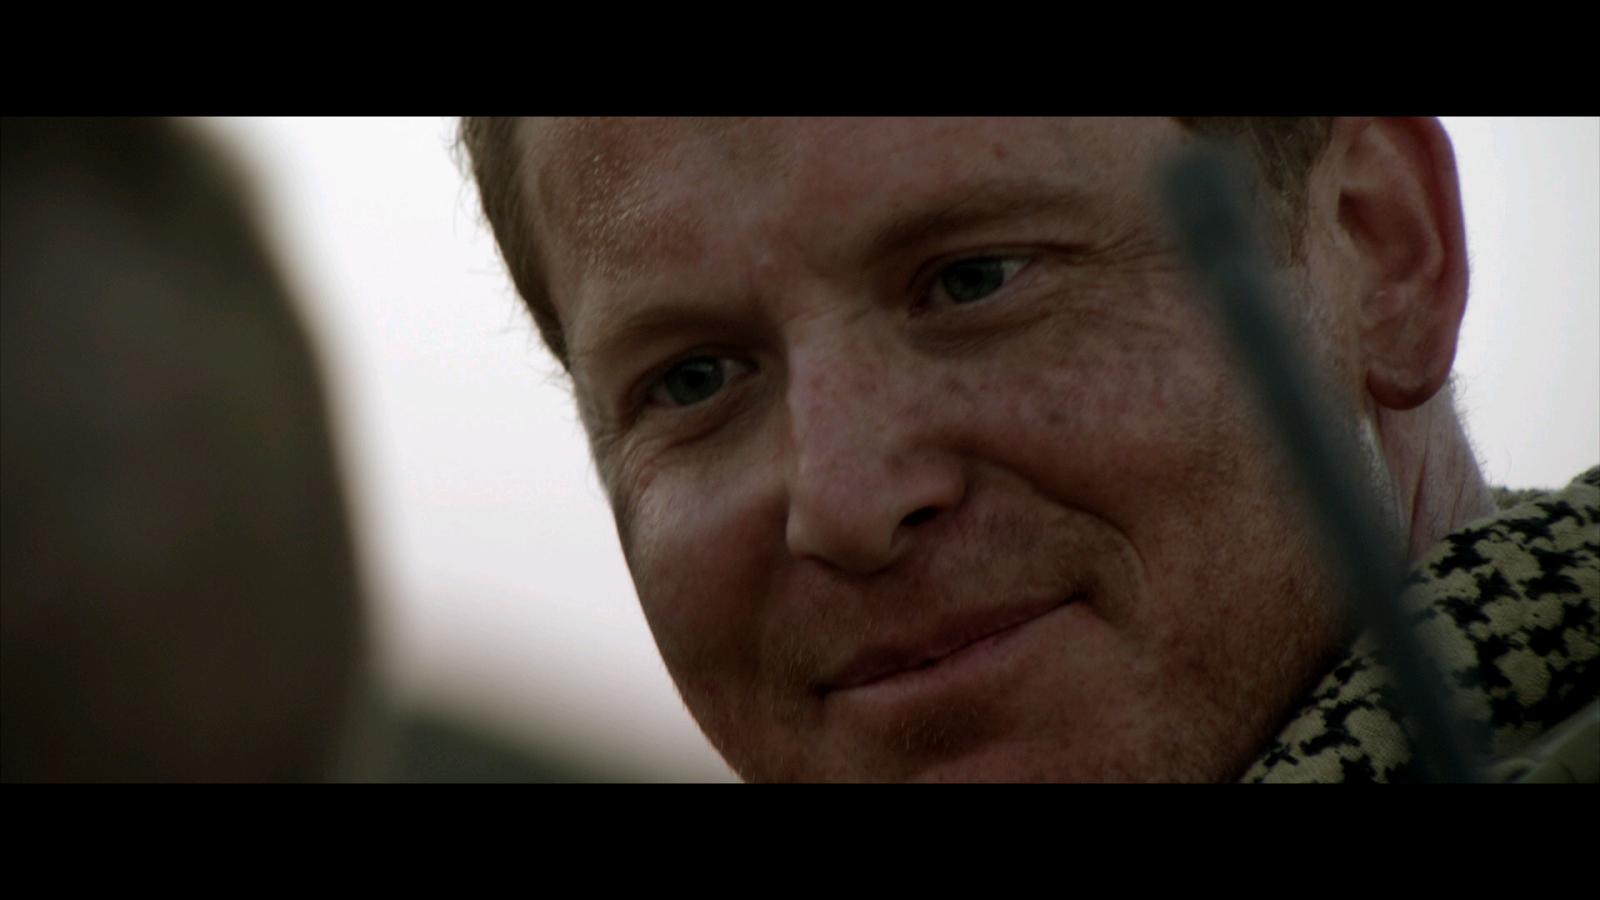 Soldado Anonimo 2 Terreno Peligroso (2014) 1080p BD25 6